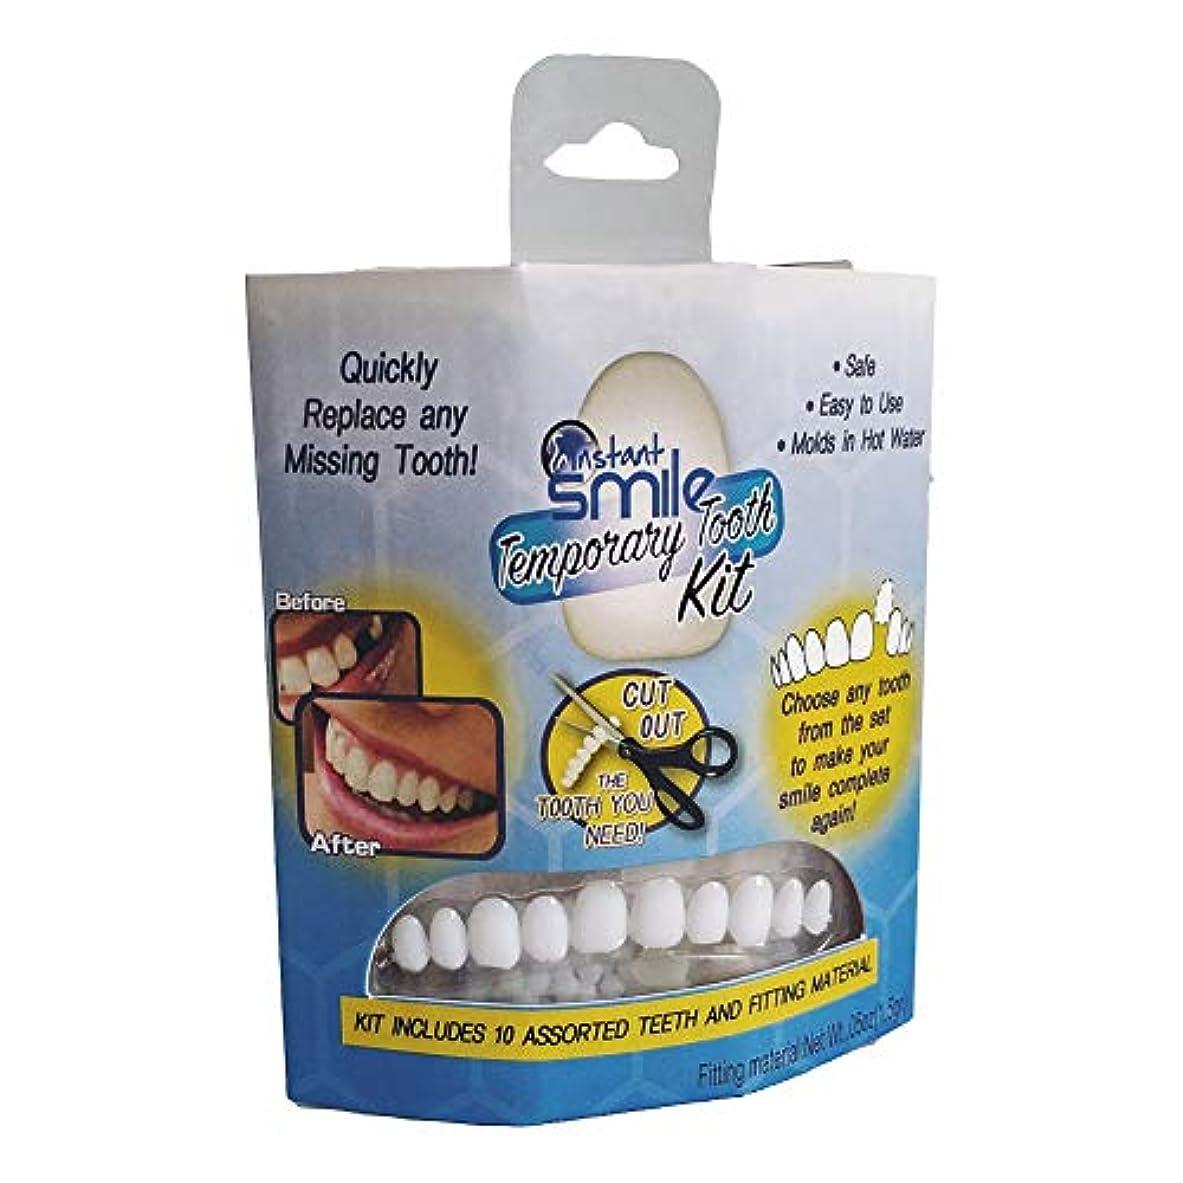 早いほのめかす然としたLITI 歯のソケット 美容義歯 入れ歯 歯のカバー テンポラリートゥースキット シリコーンのシミュレーションの歯科用義歯を白くする上下の歯の模擬装具 歯ホワイトニング 義歯貼り付け偽歯アッパー化粧品突き板